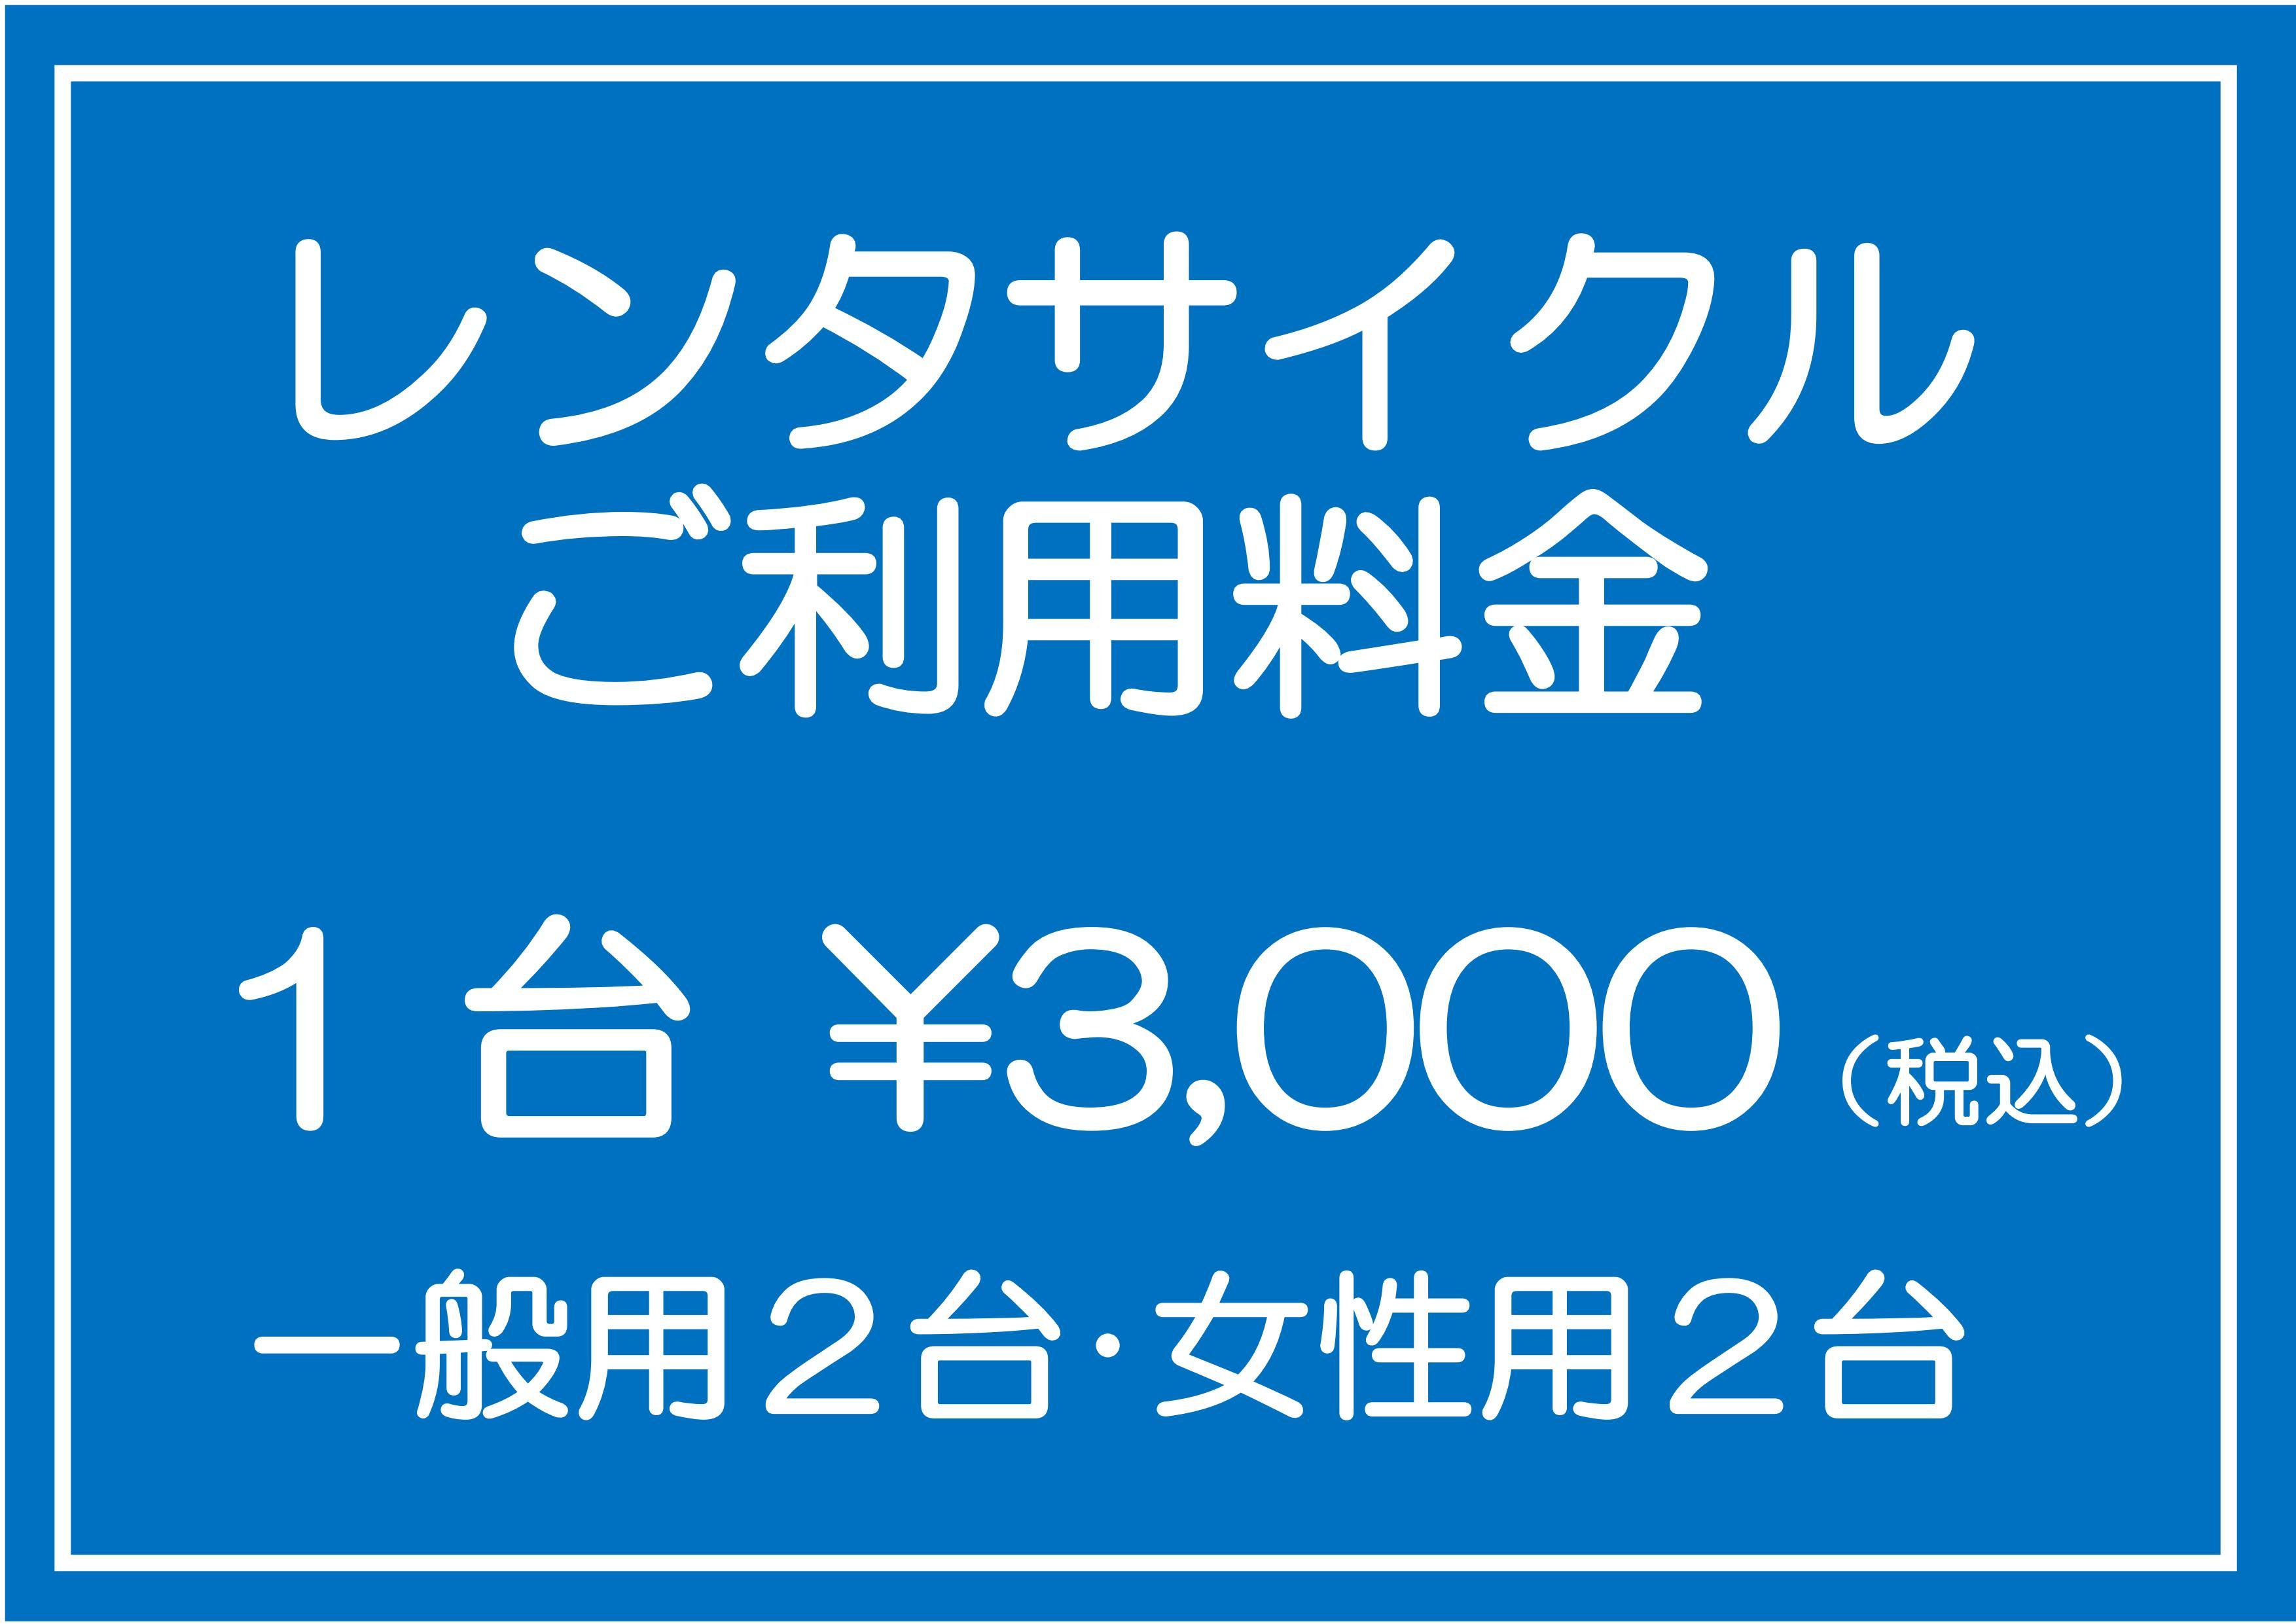 【石巻市】北上観光物産交流センター レンタサイクル申込フォーム